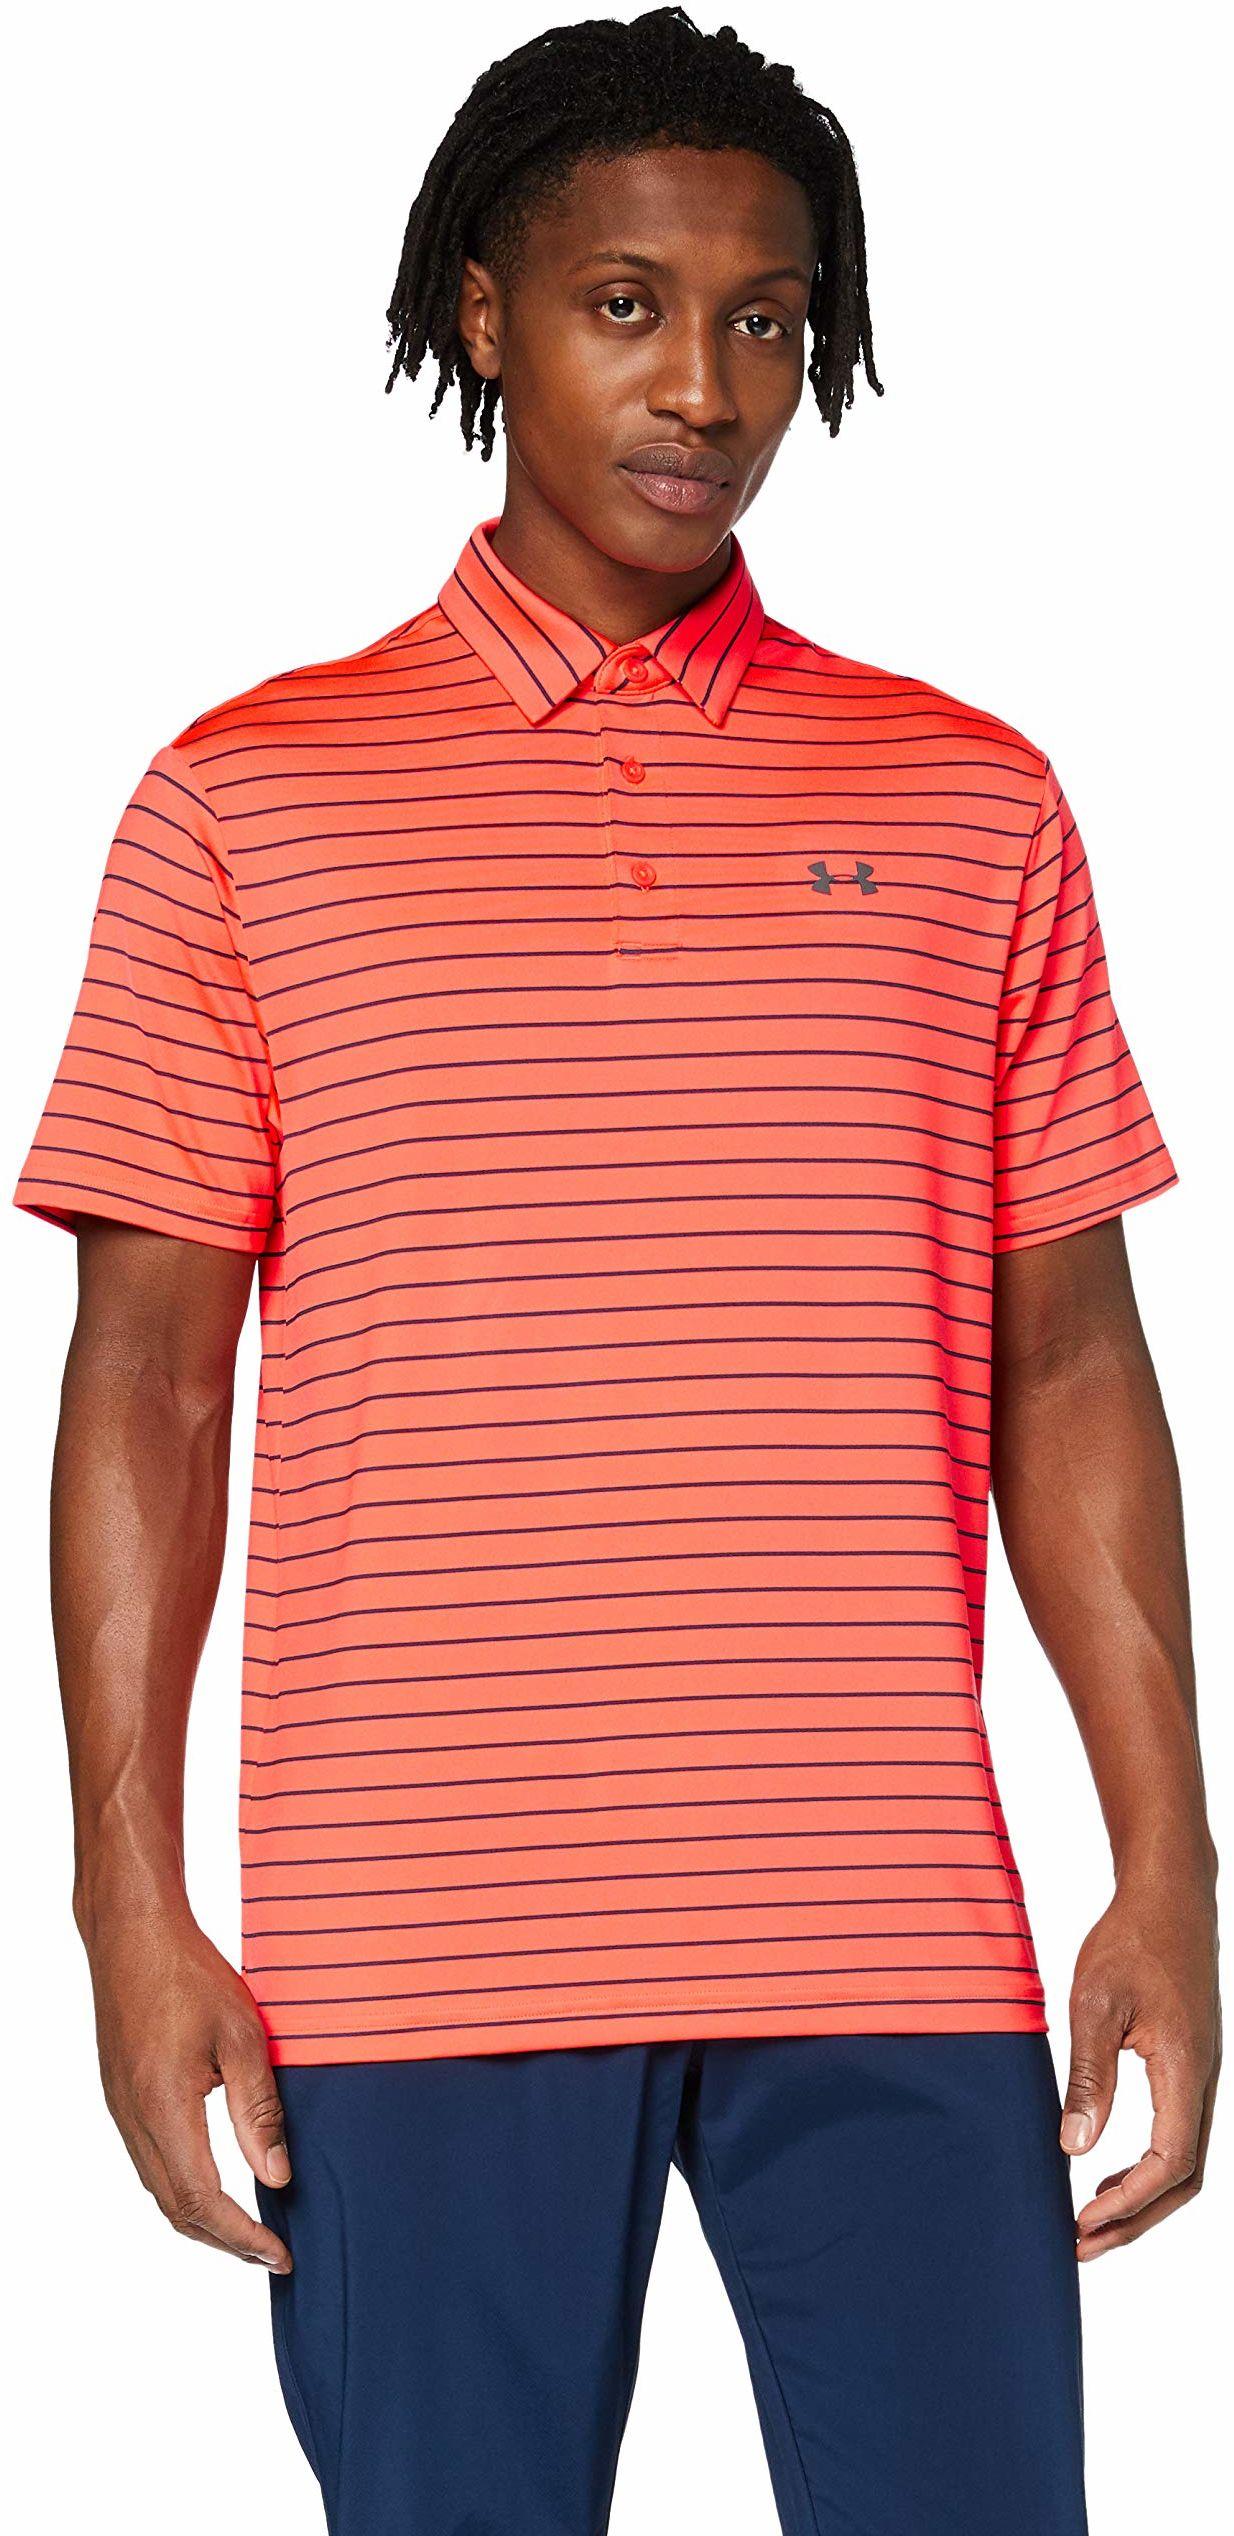 Under Armour Męska koszulka polo Playoff 2.0 Polo oddychająca koszulka sportowa, wygodna i z krótkim rękawem z luźnym dopasowaniem czerwony Beta (628)/Academy S